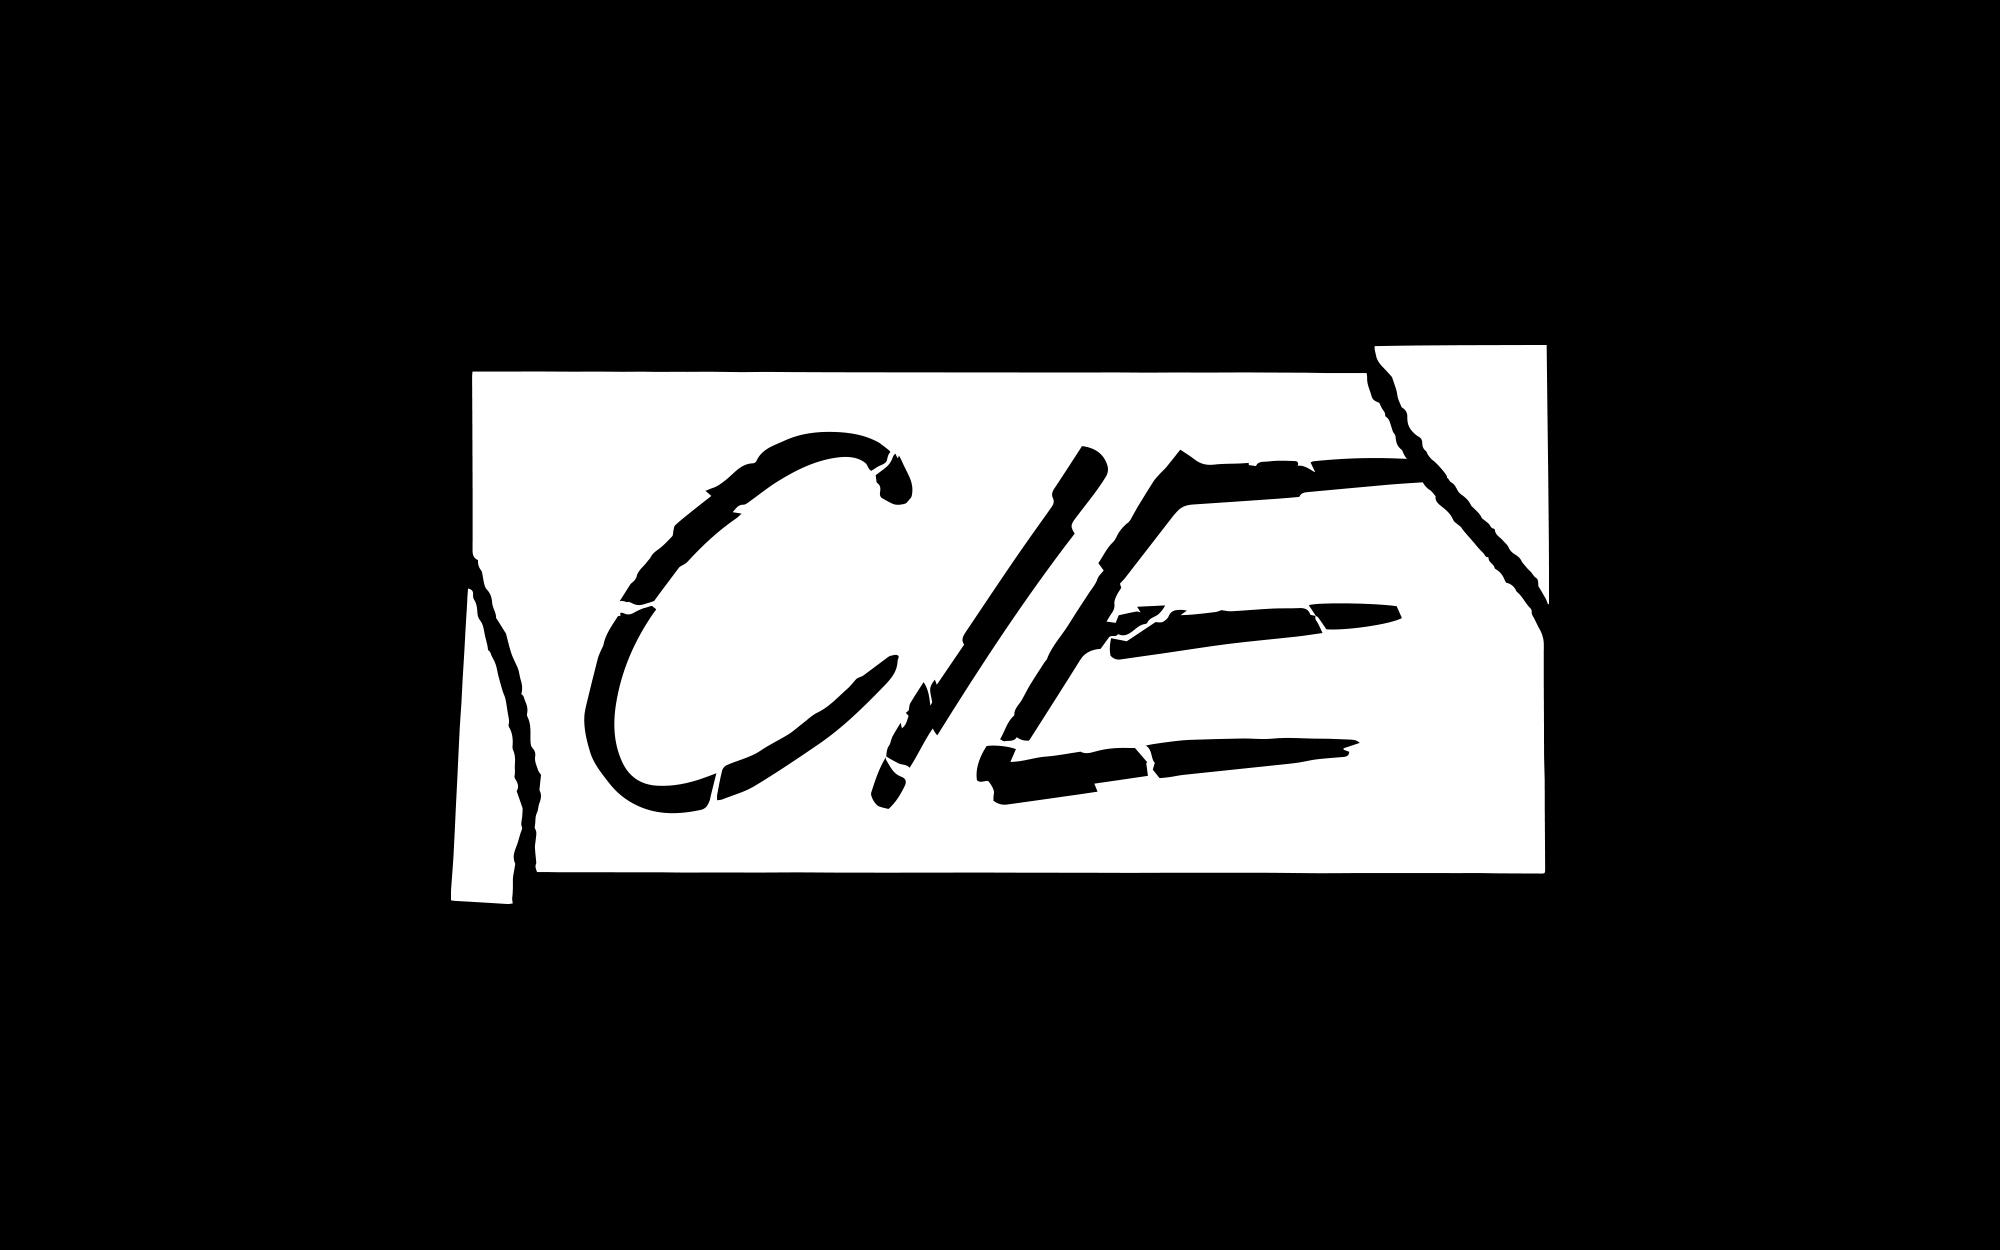 CIE-FINALBIG